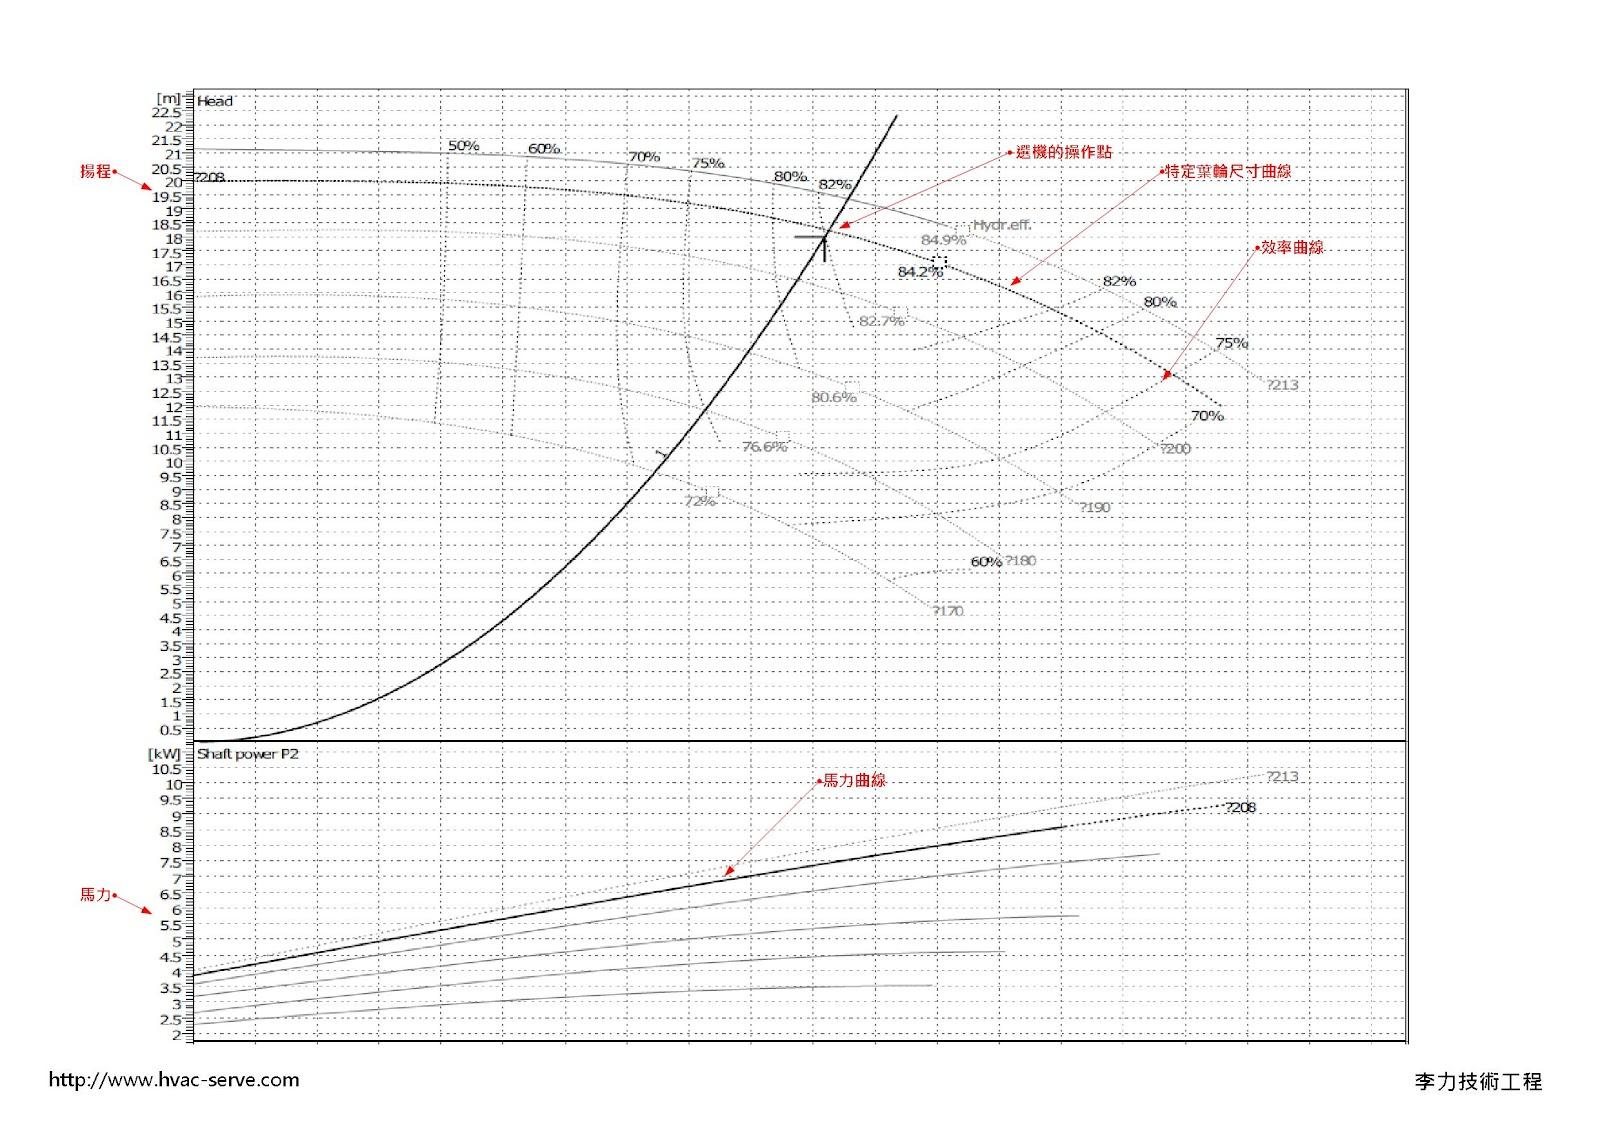 李力技術工程: 泵浦運轉效率點的轉移